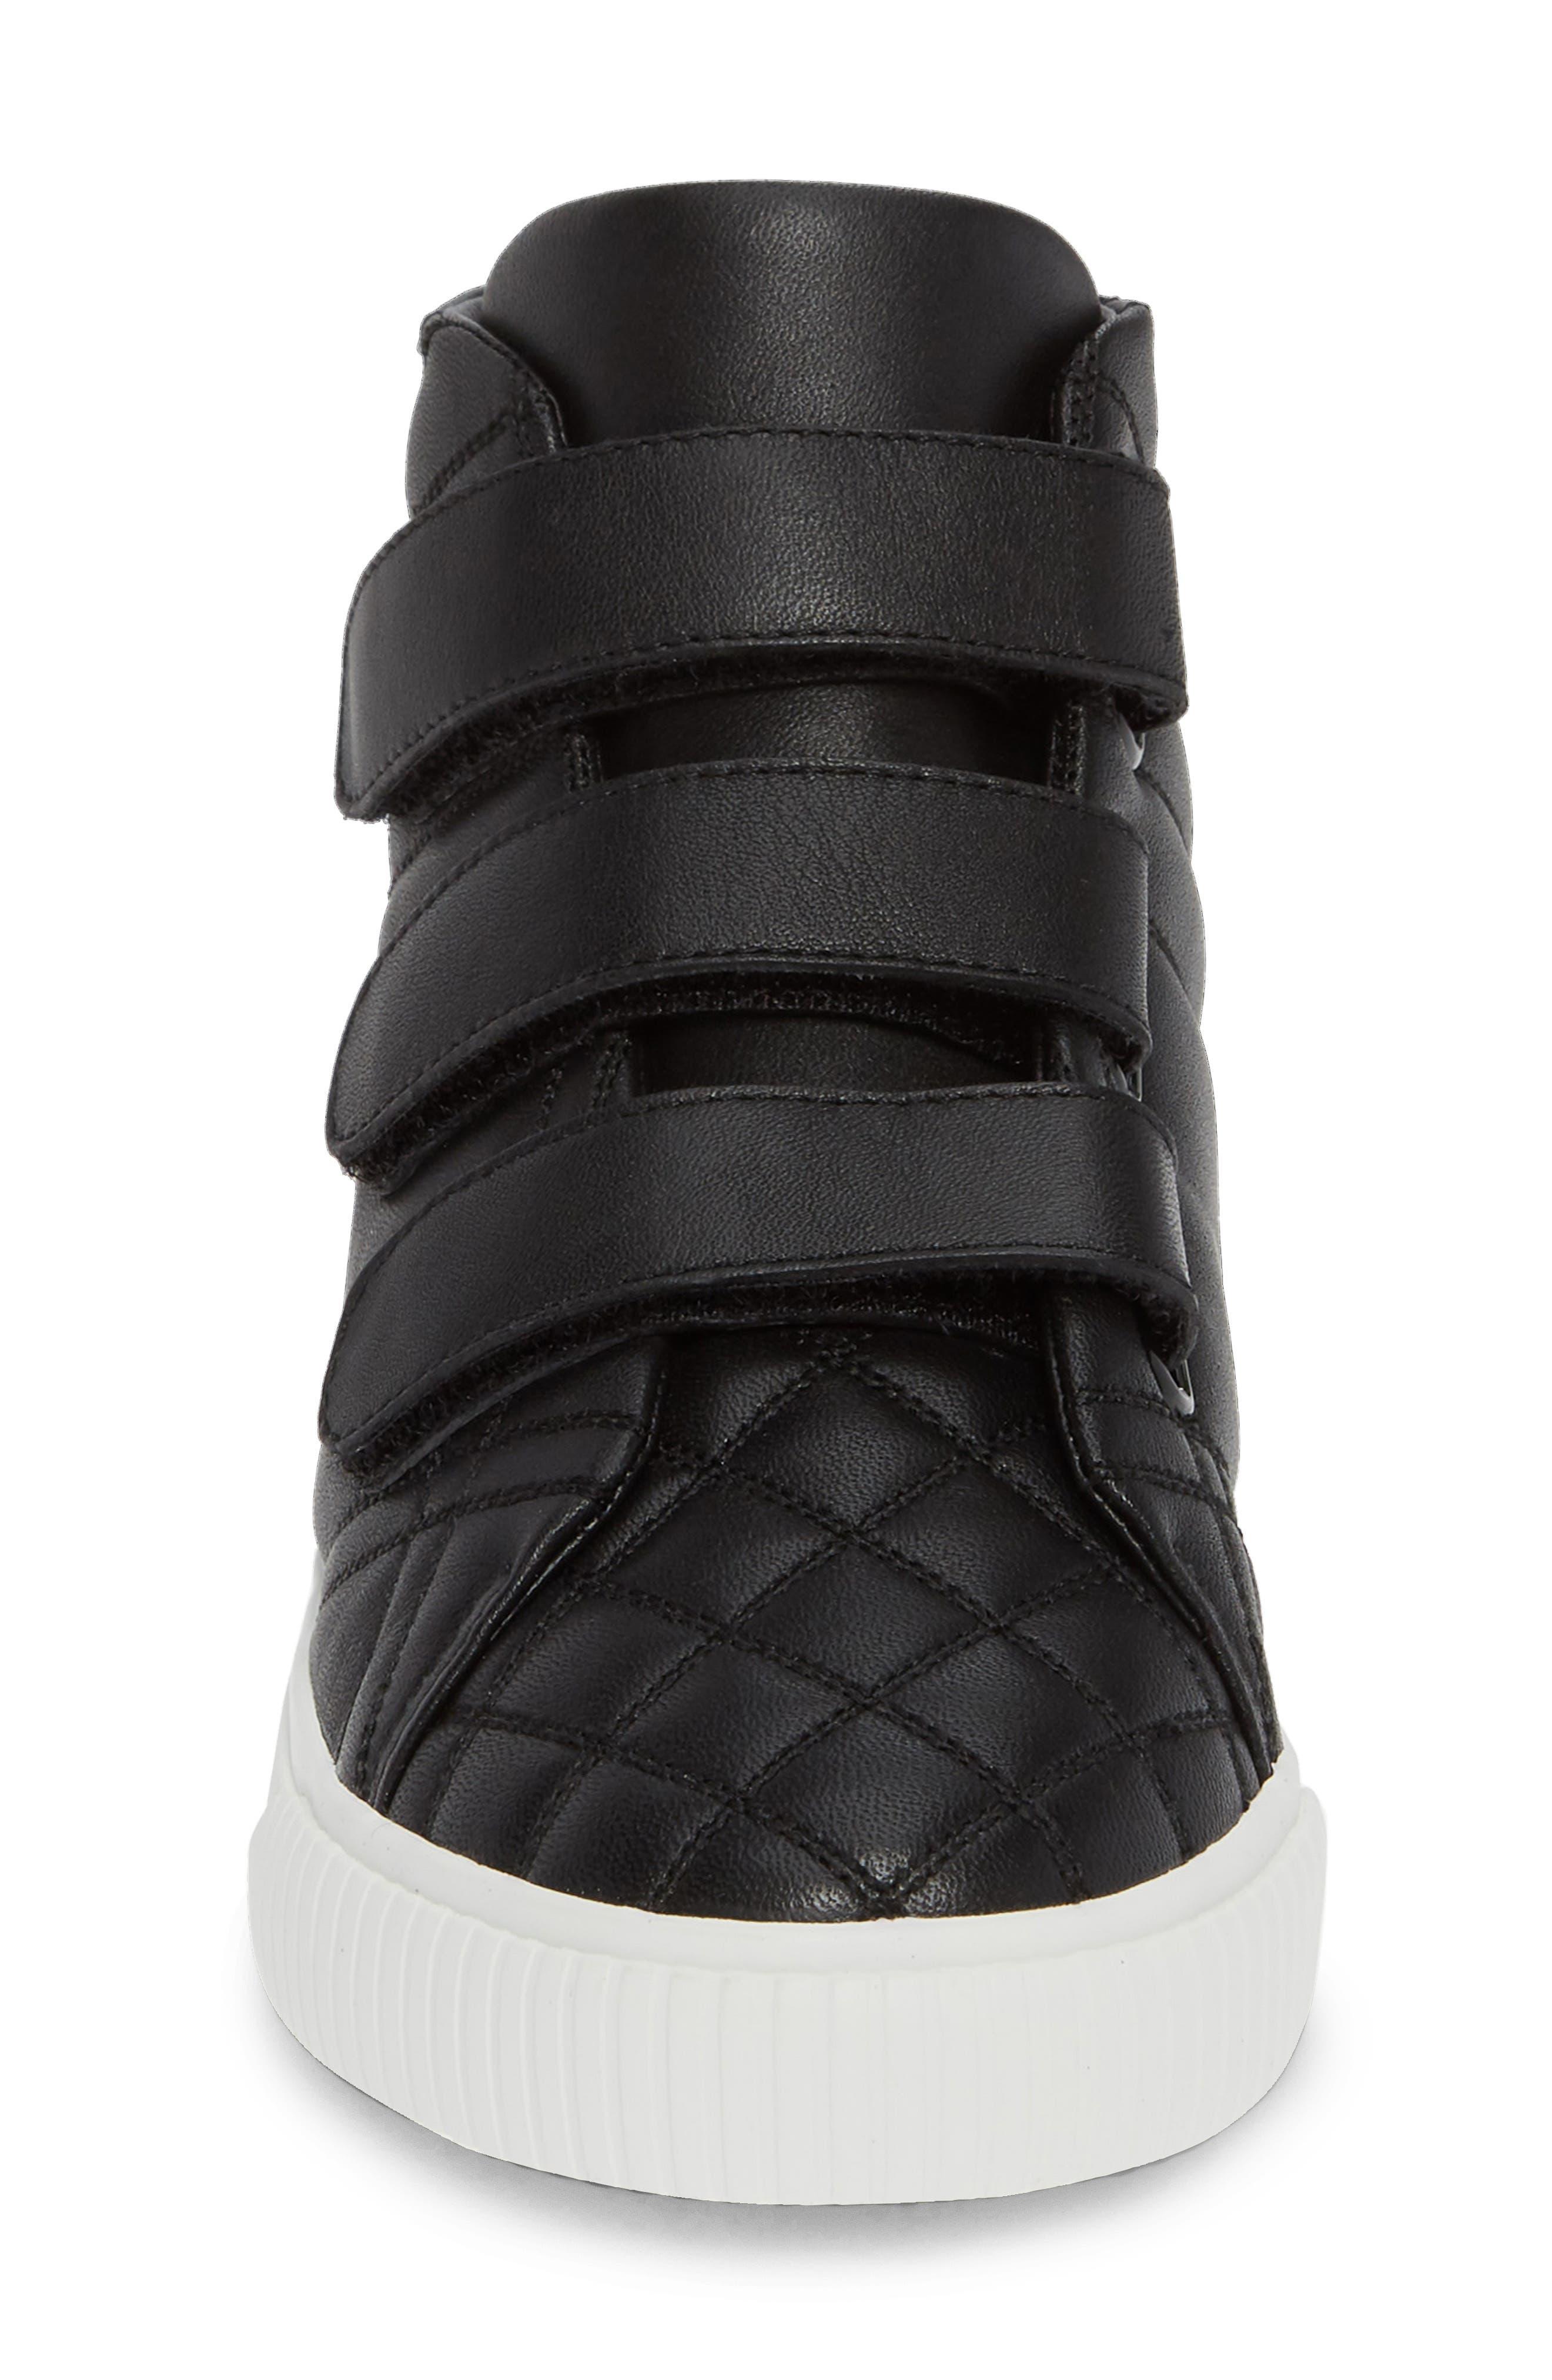 Sturrock Hi Top Sneaker,                             Alternate thumbnail 4, color,                             001